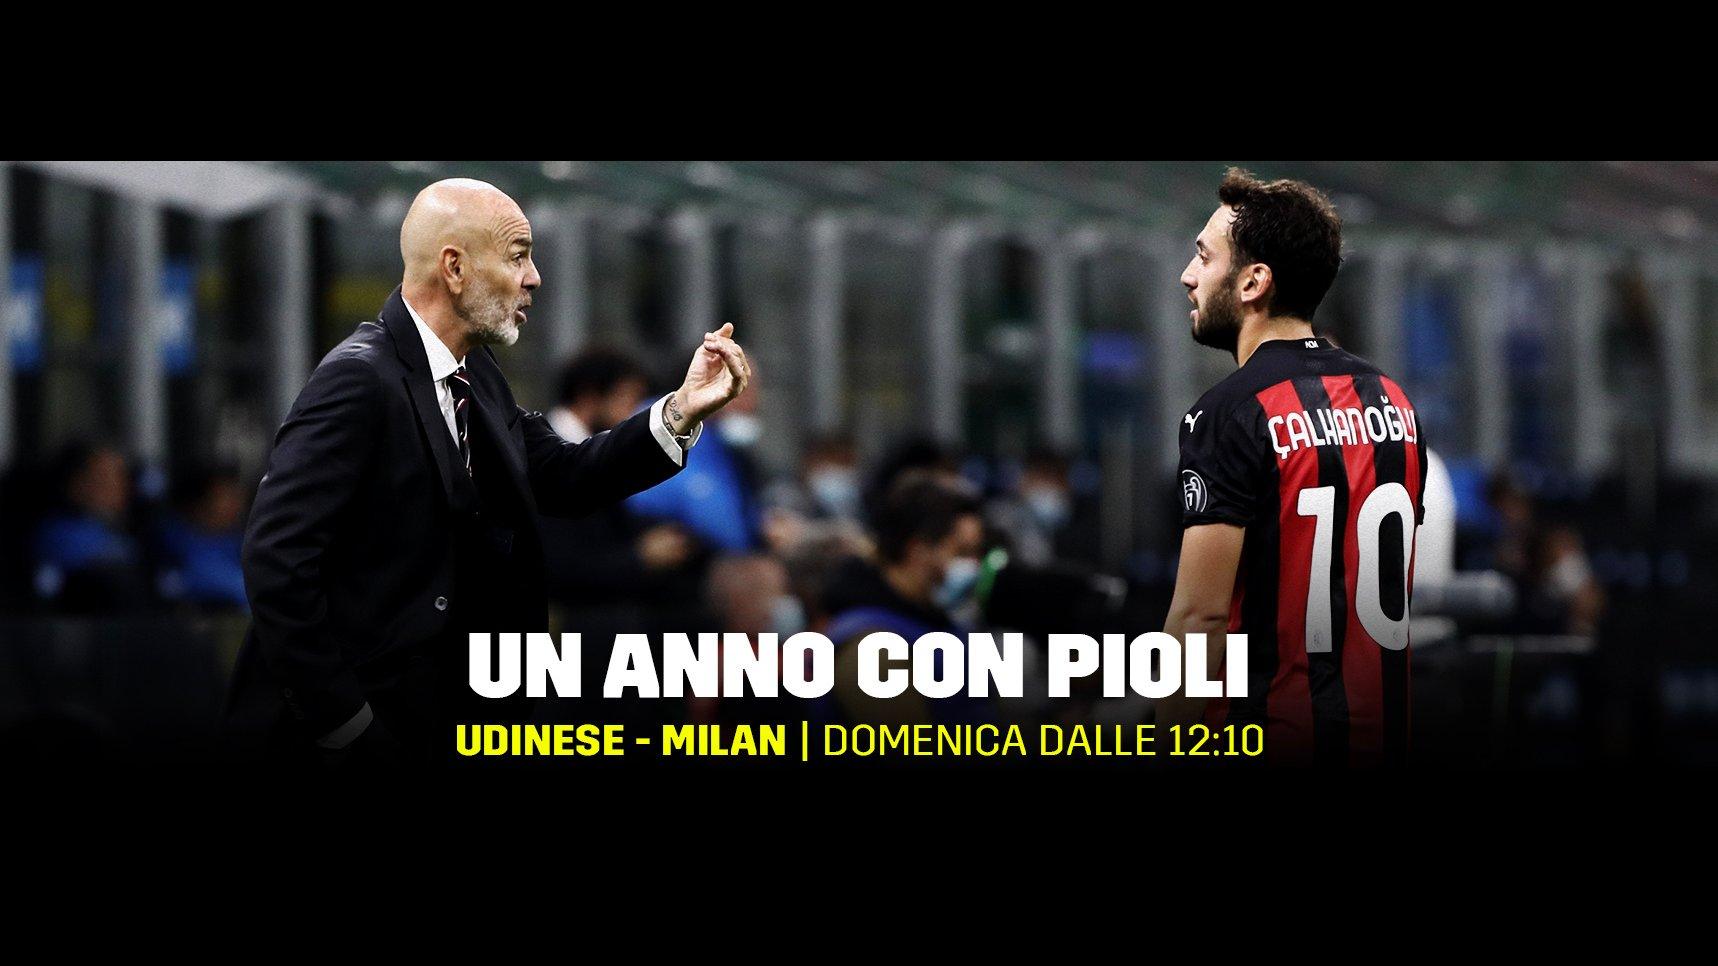 DAZN Serie A 6a Giornata, Diretta Esclusiva | Palinsesto Telecronisti (Sky 209)